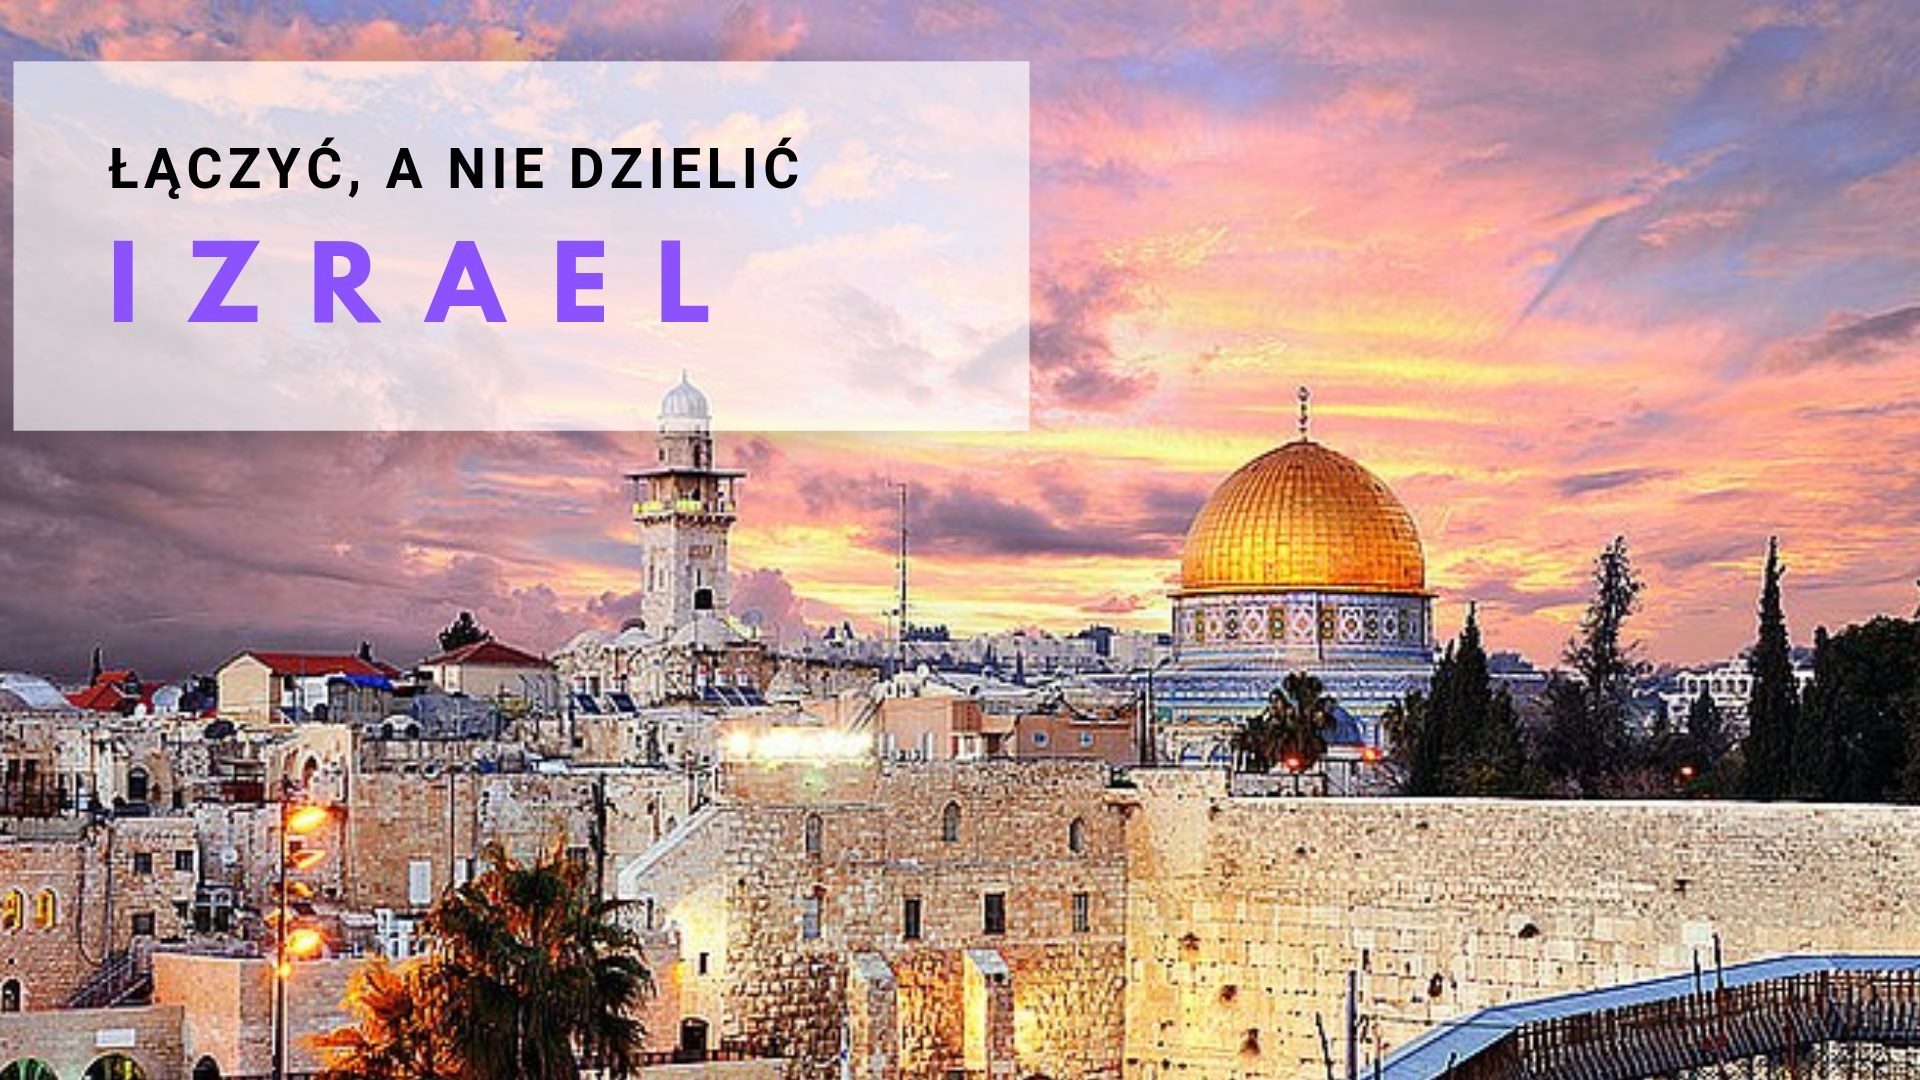 Łączyć, a nie dzielić. Izrael wrzesień 2019.